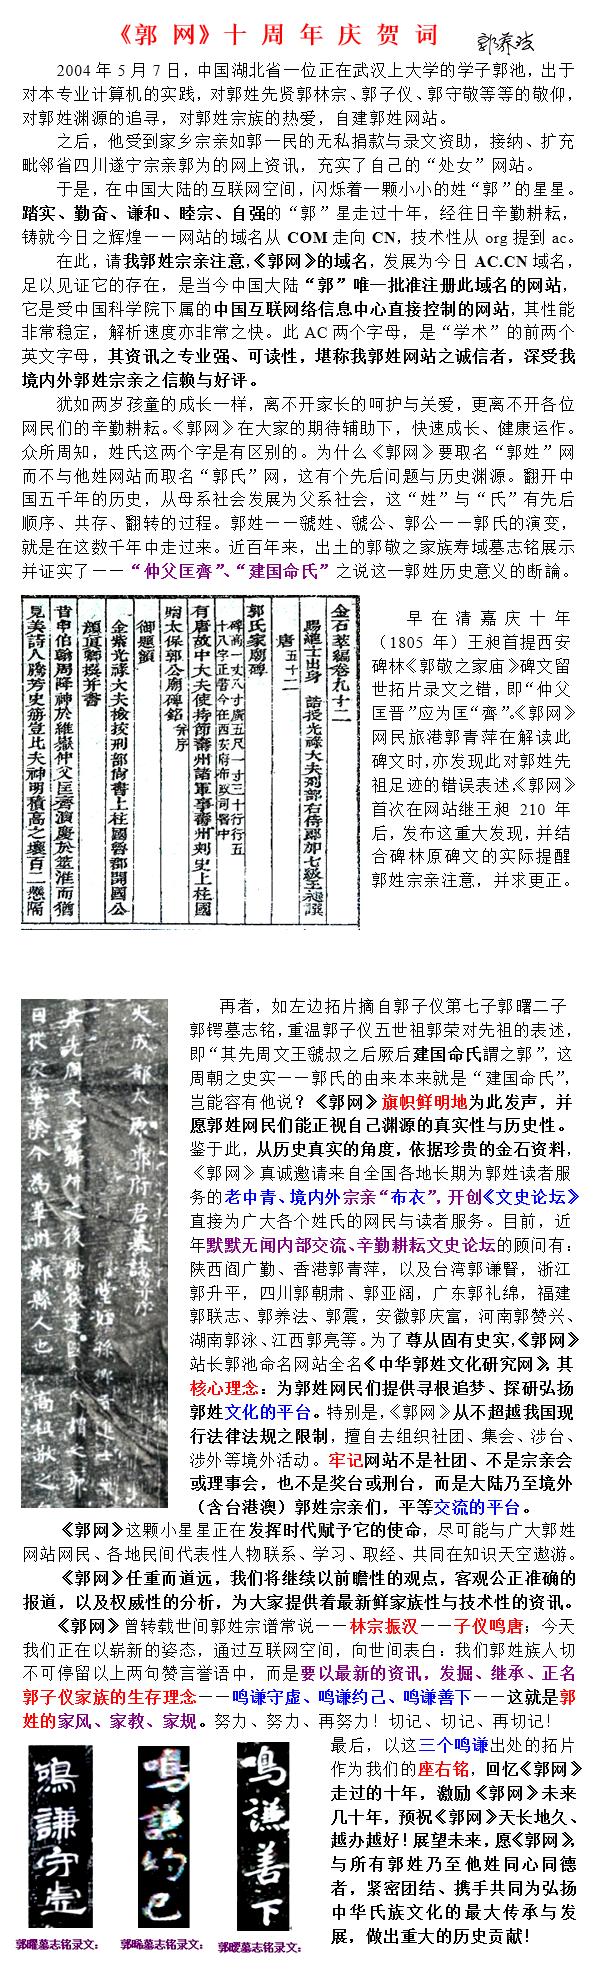 《郭网》十周年庆贺词(郭养法)